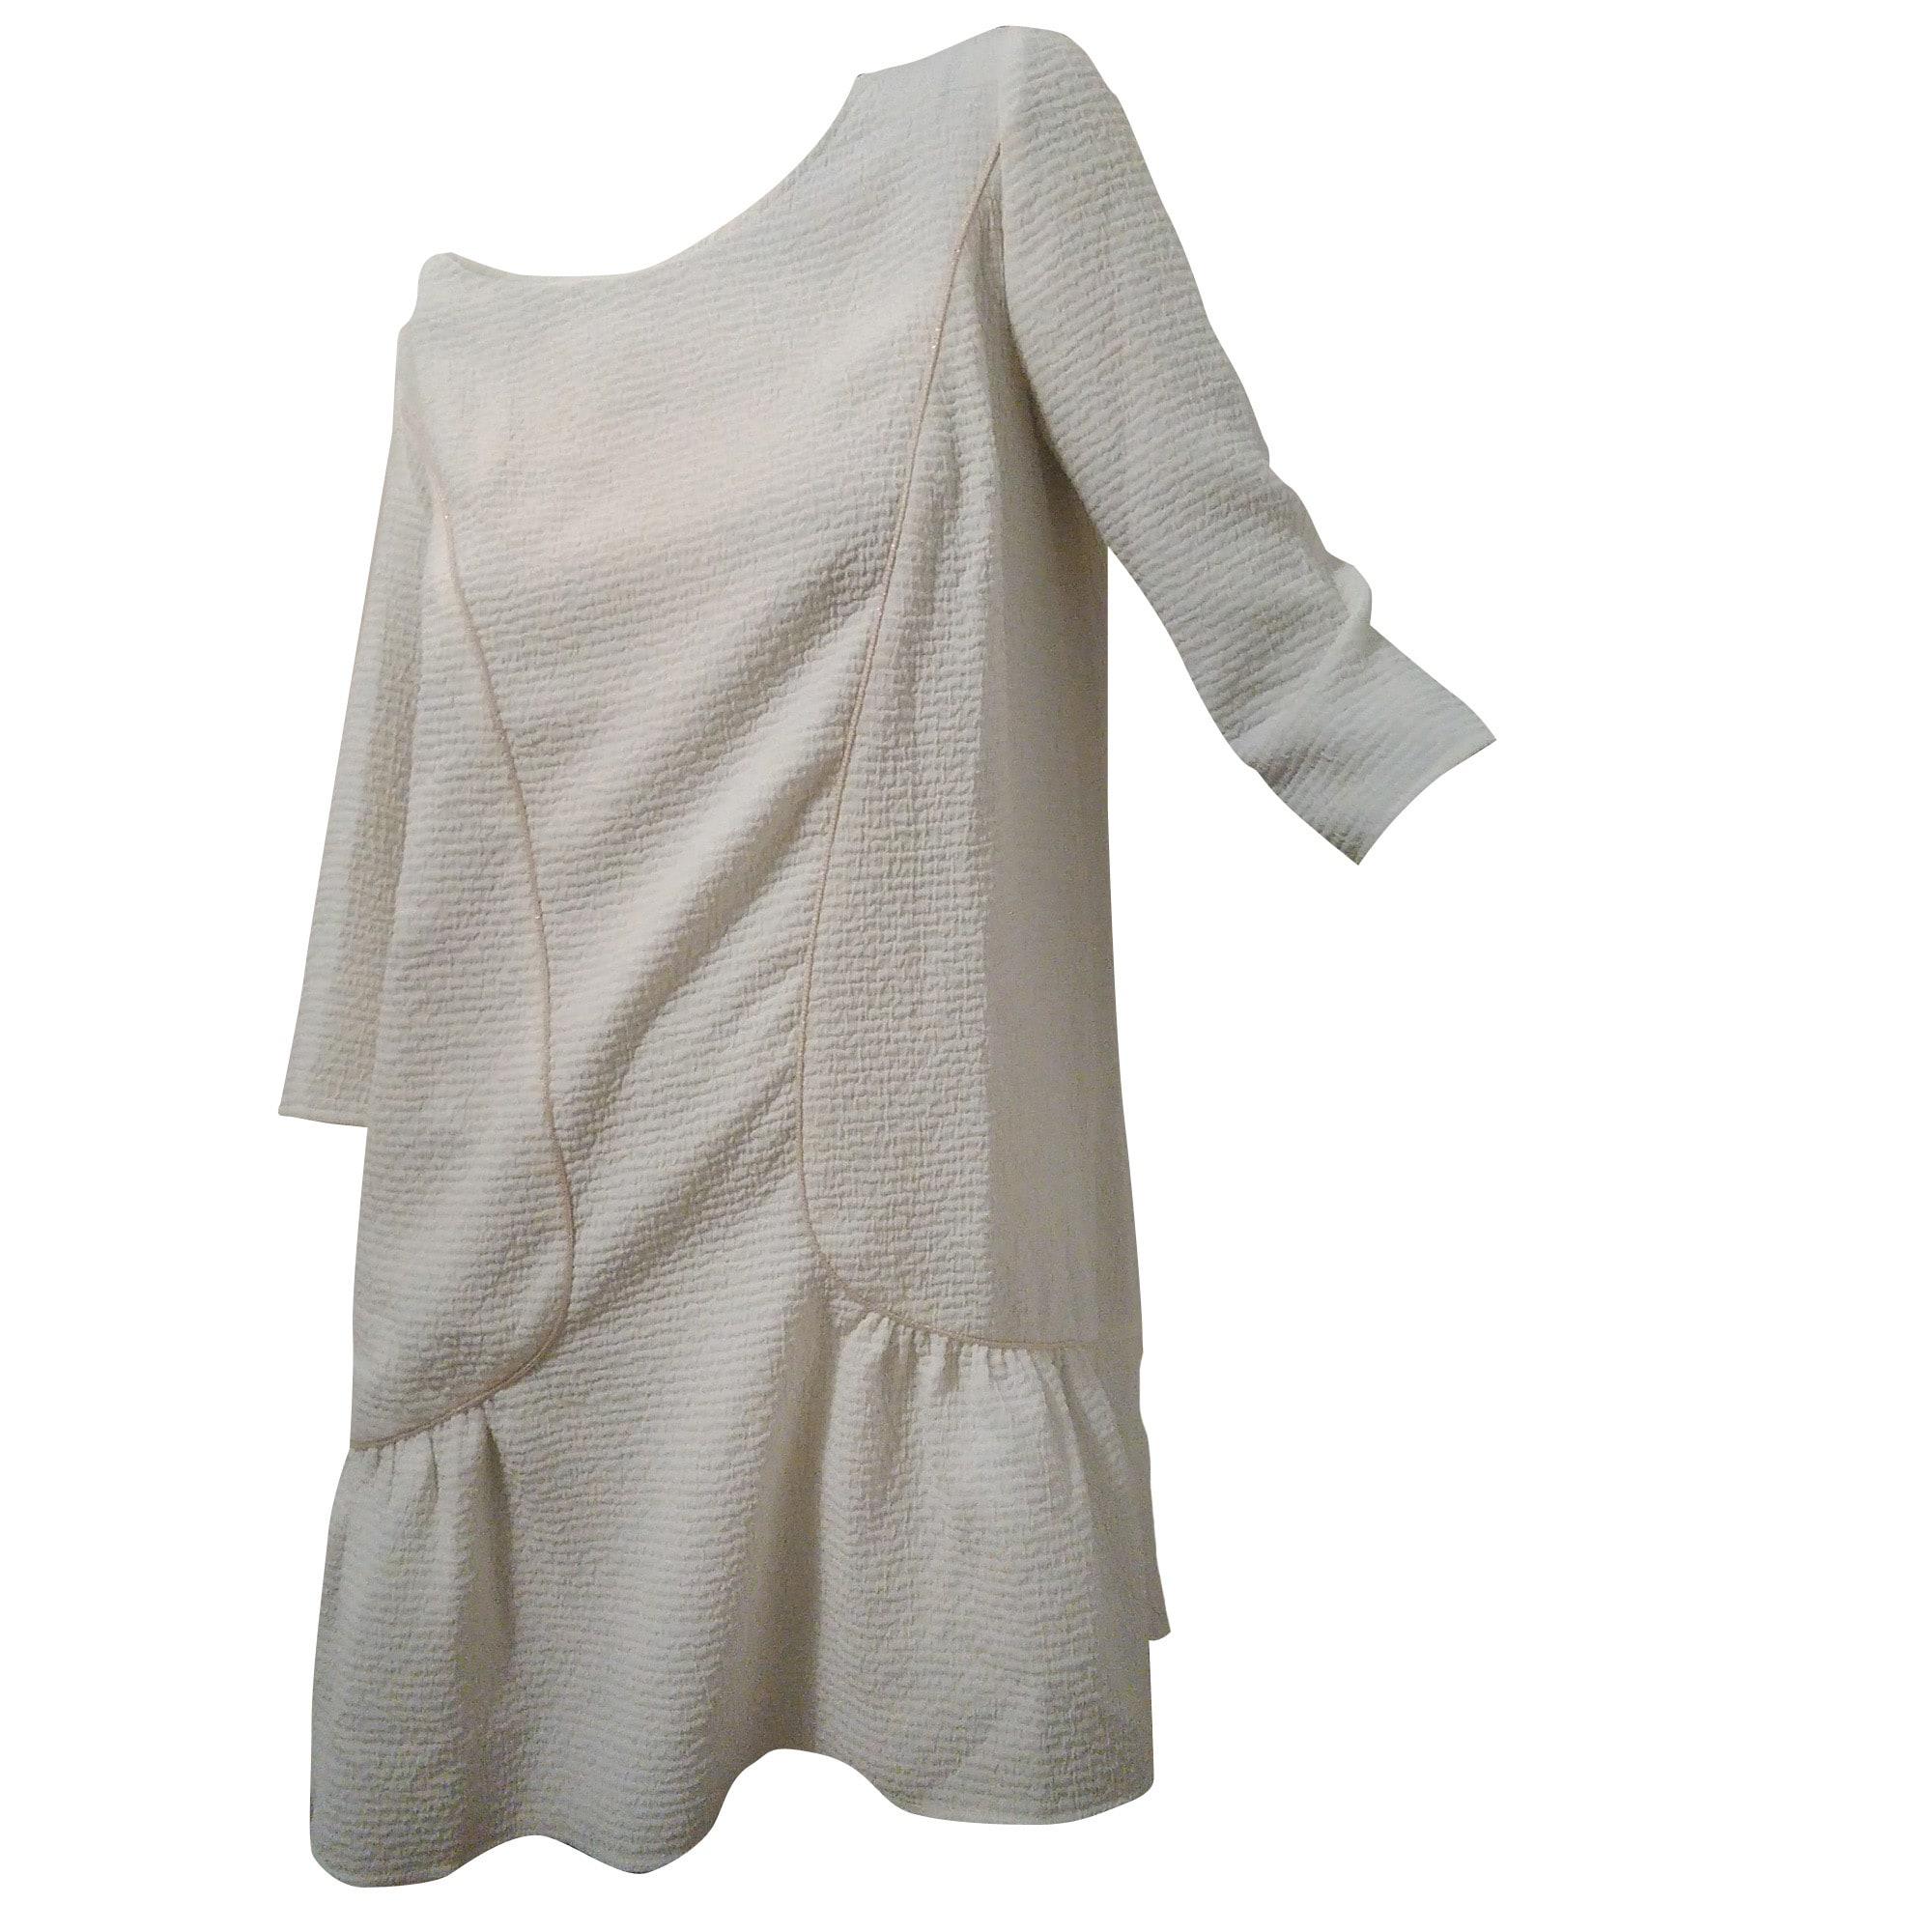 66e78f6e51 Robe courte BA&SH 36 (S, T1) blanc vendu par Jannael - 6084428